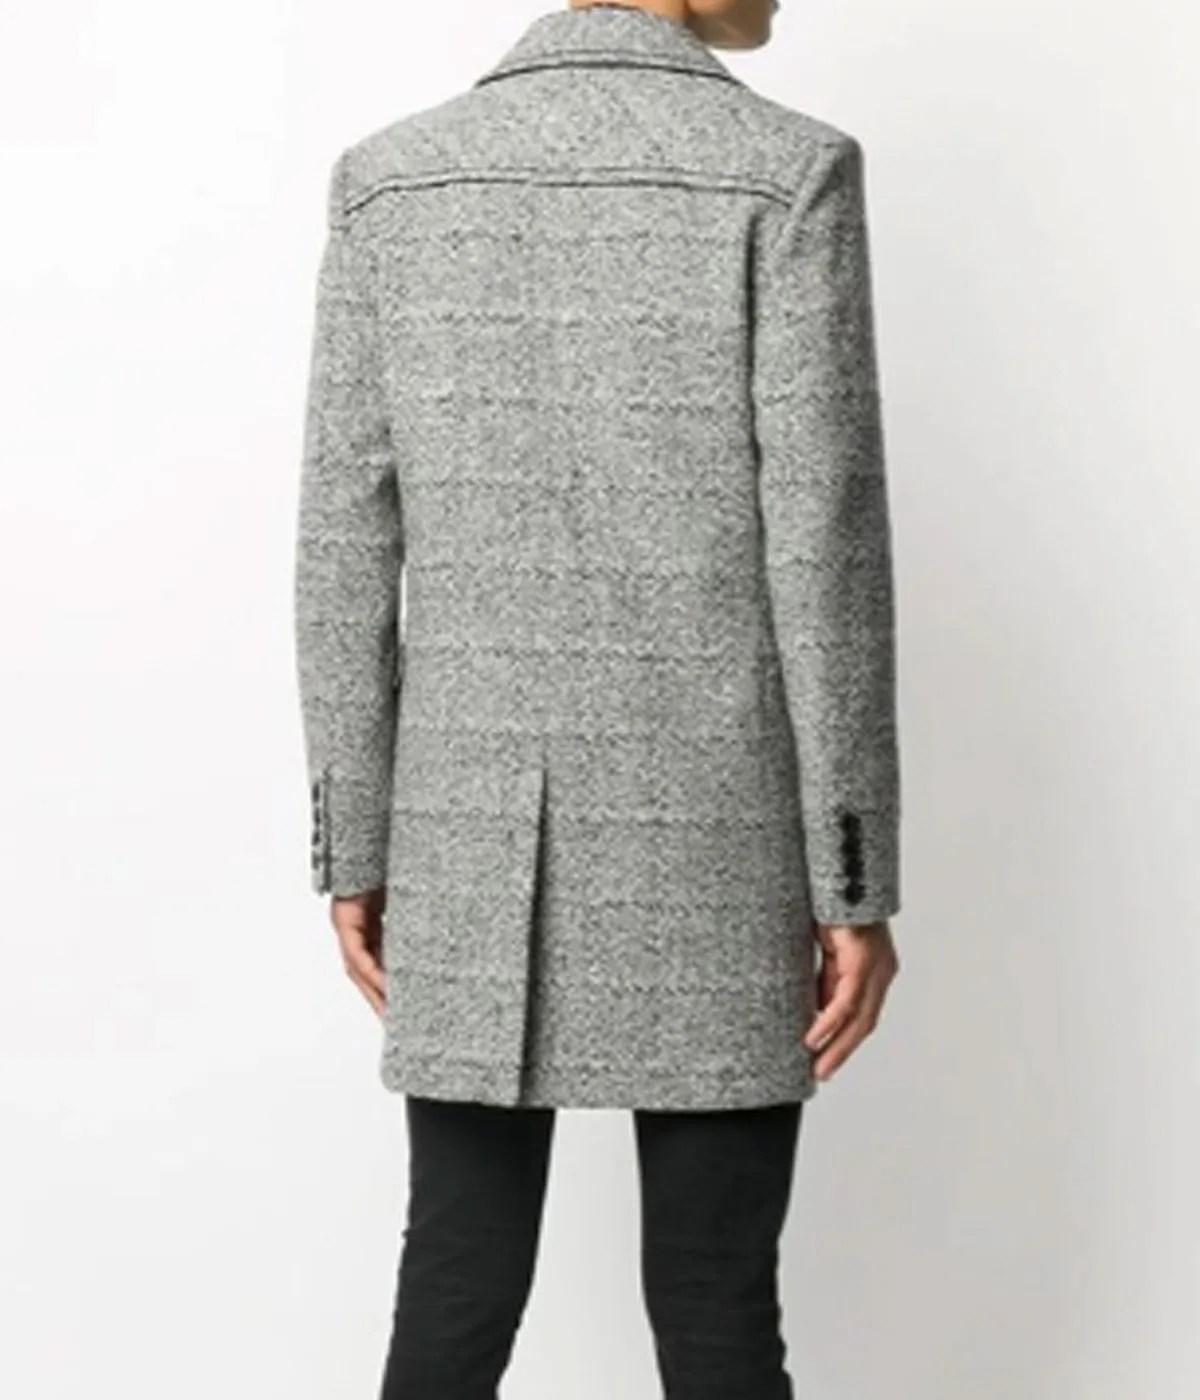 jeff-colby-grey-coat